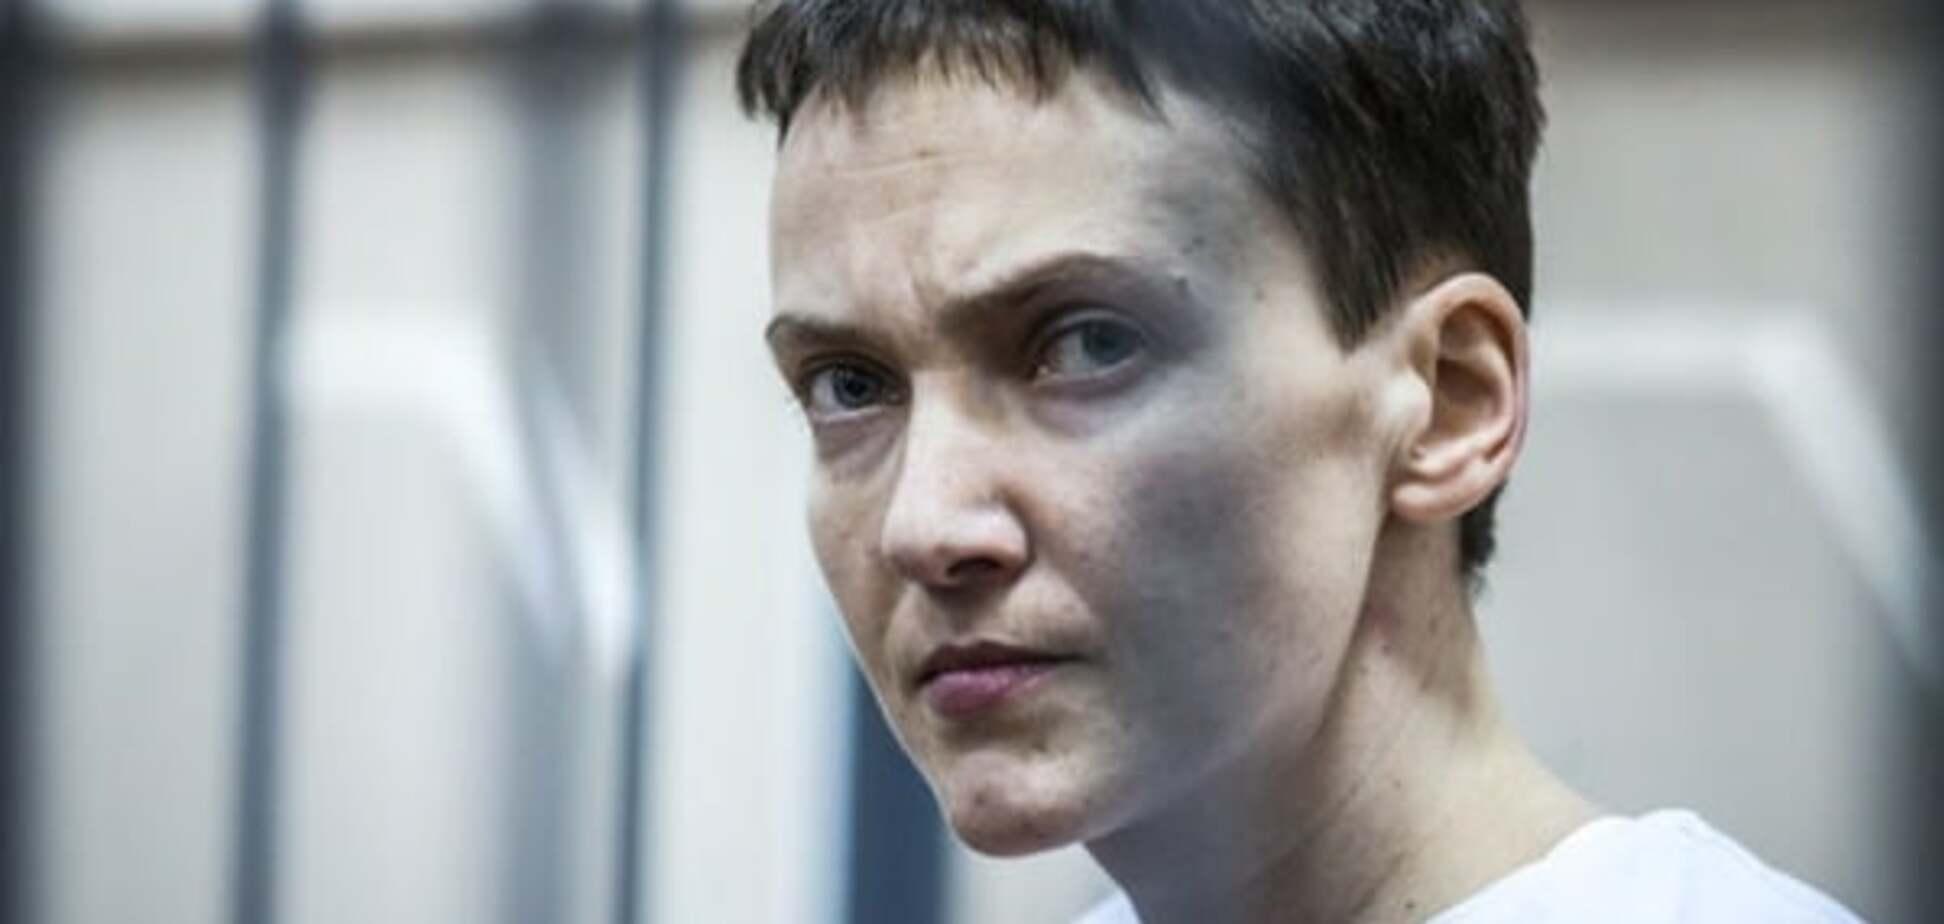 Когда закончится кошмар: адвокат Савченко озвучил сроки вынесения приговора